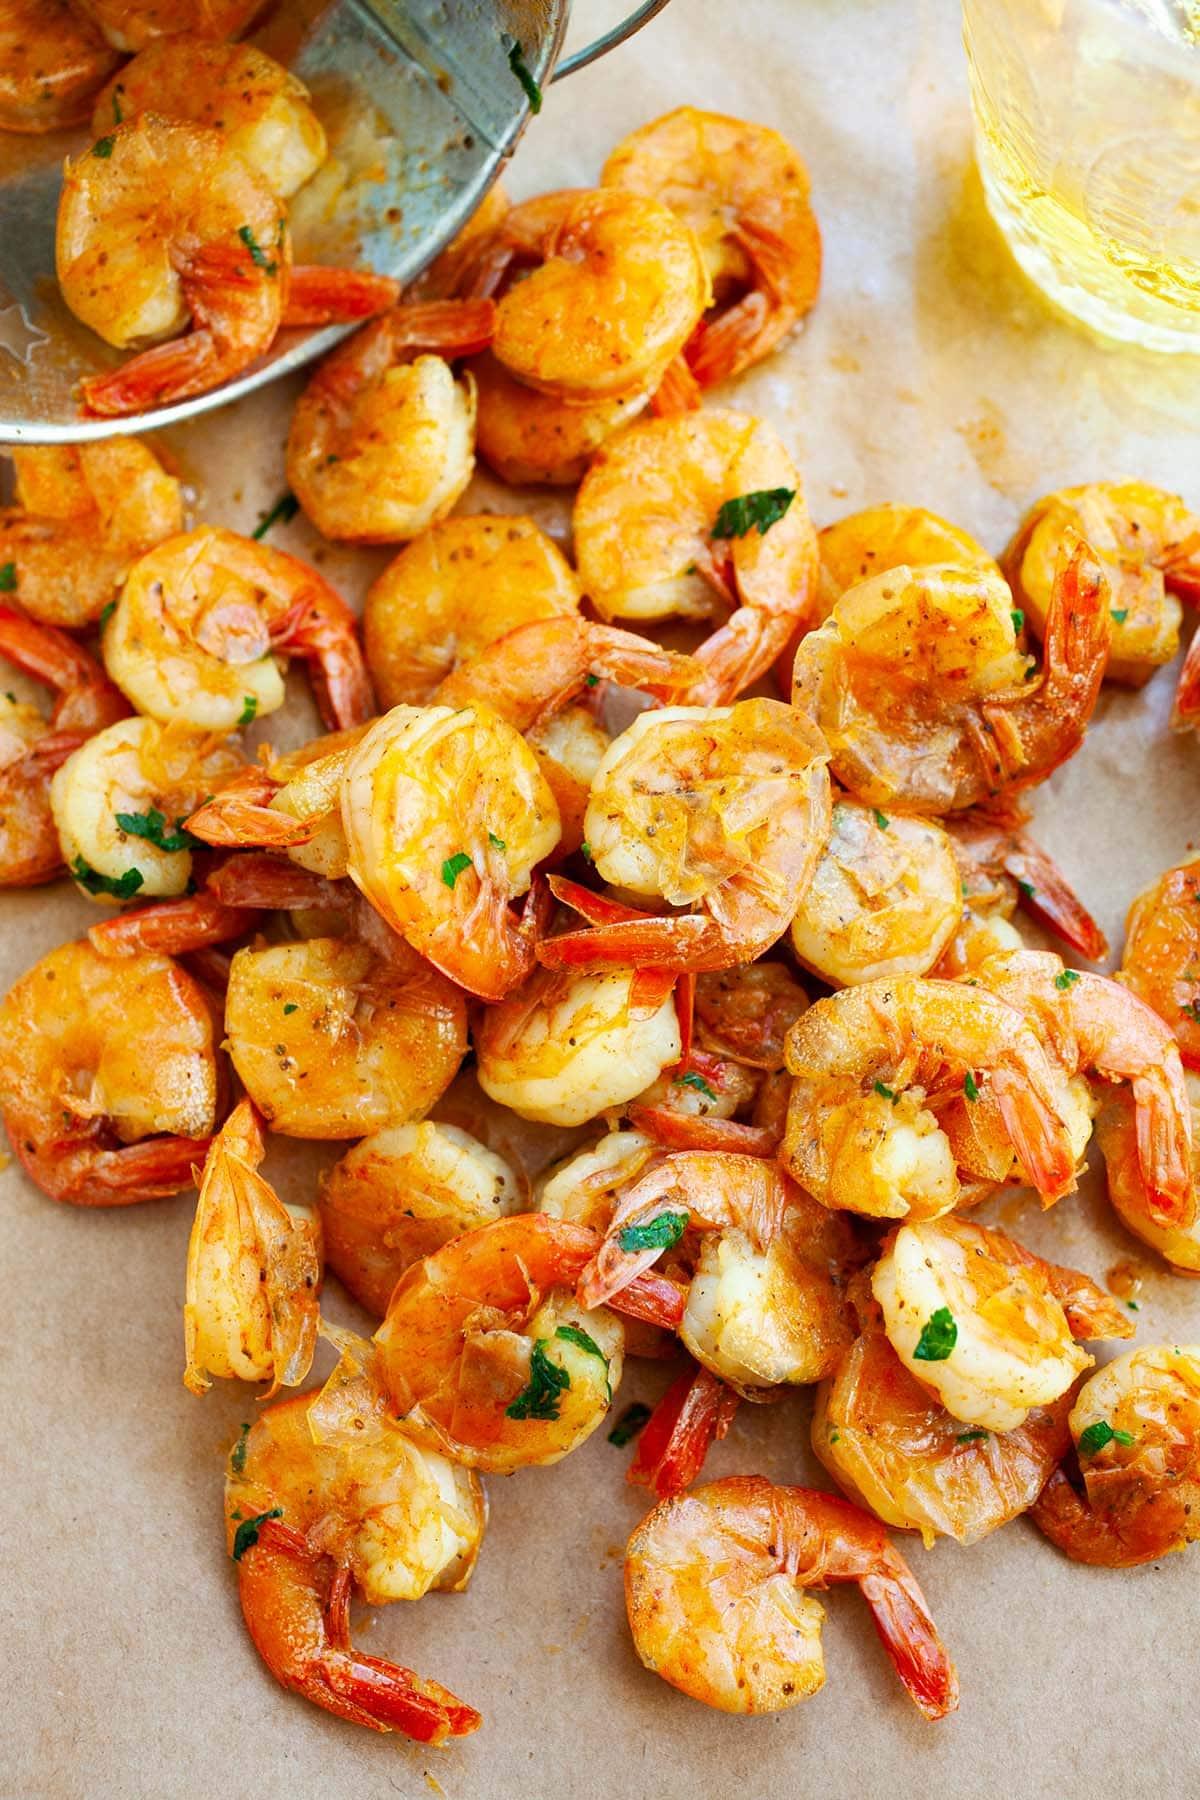 Pelez et mangez des crevettes faciles et délicieuses dans un seau, prêtes à servir.